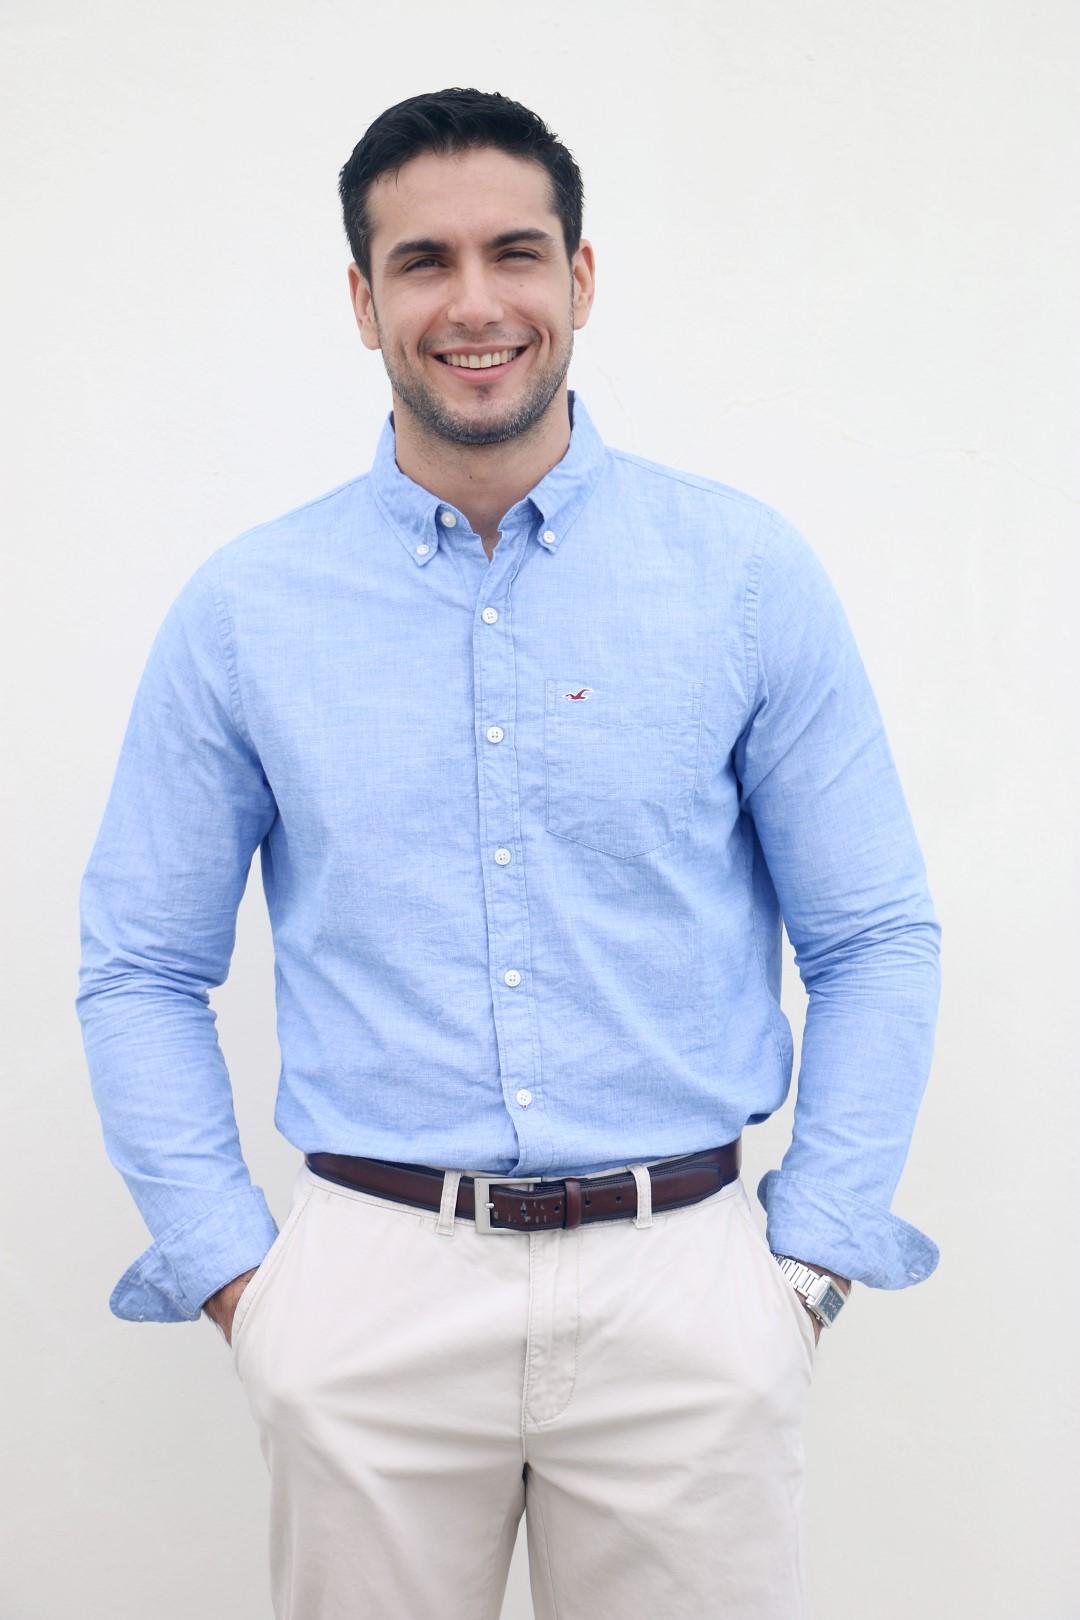 Alfredo Duarte (7)